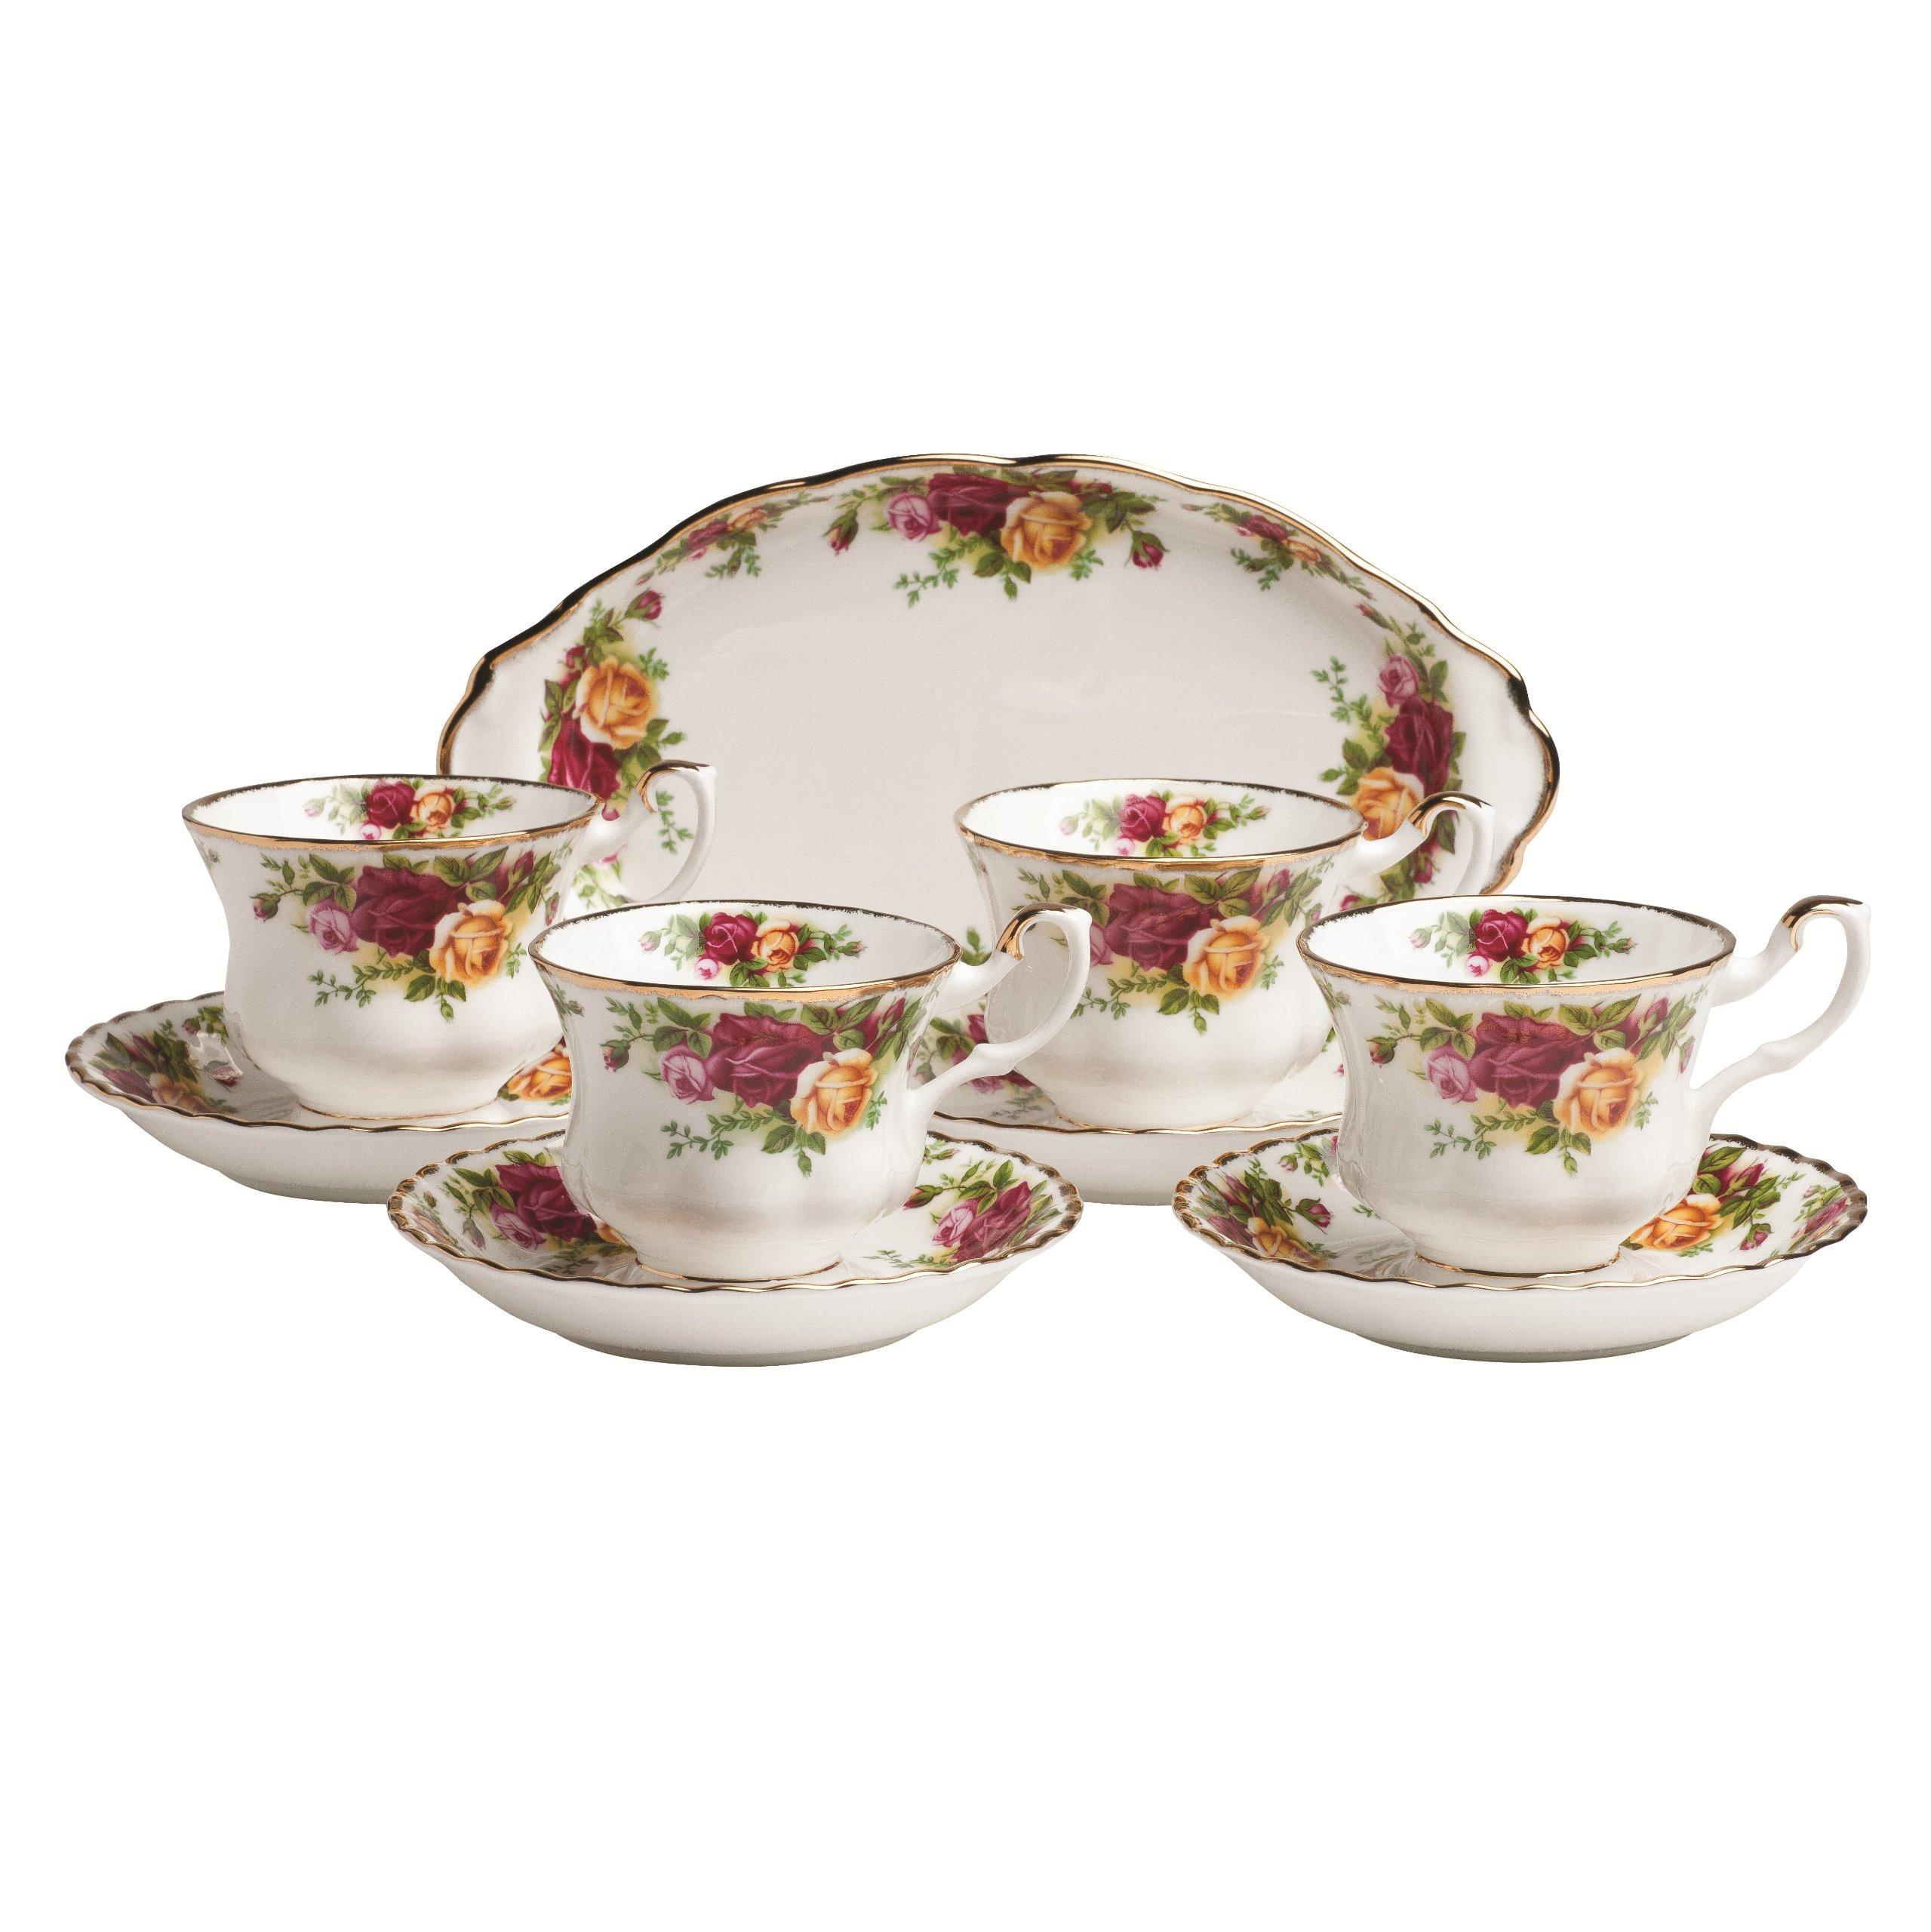 로얄 알버트 올드 컨츄리 로즈 티 세트 4종 Royal Albert Old Country Roses 9-Piece Tea Cup & Tray Set